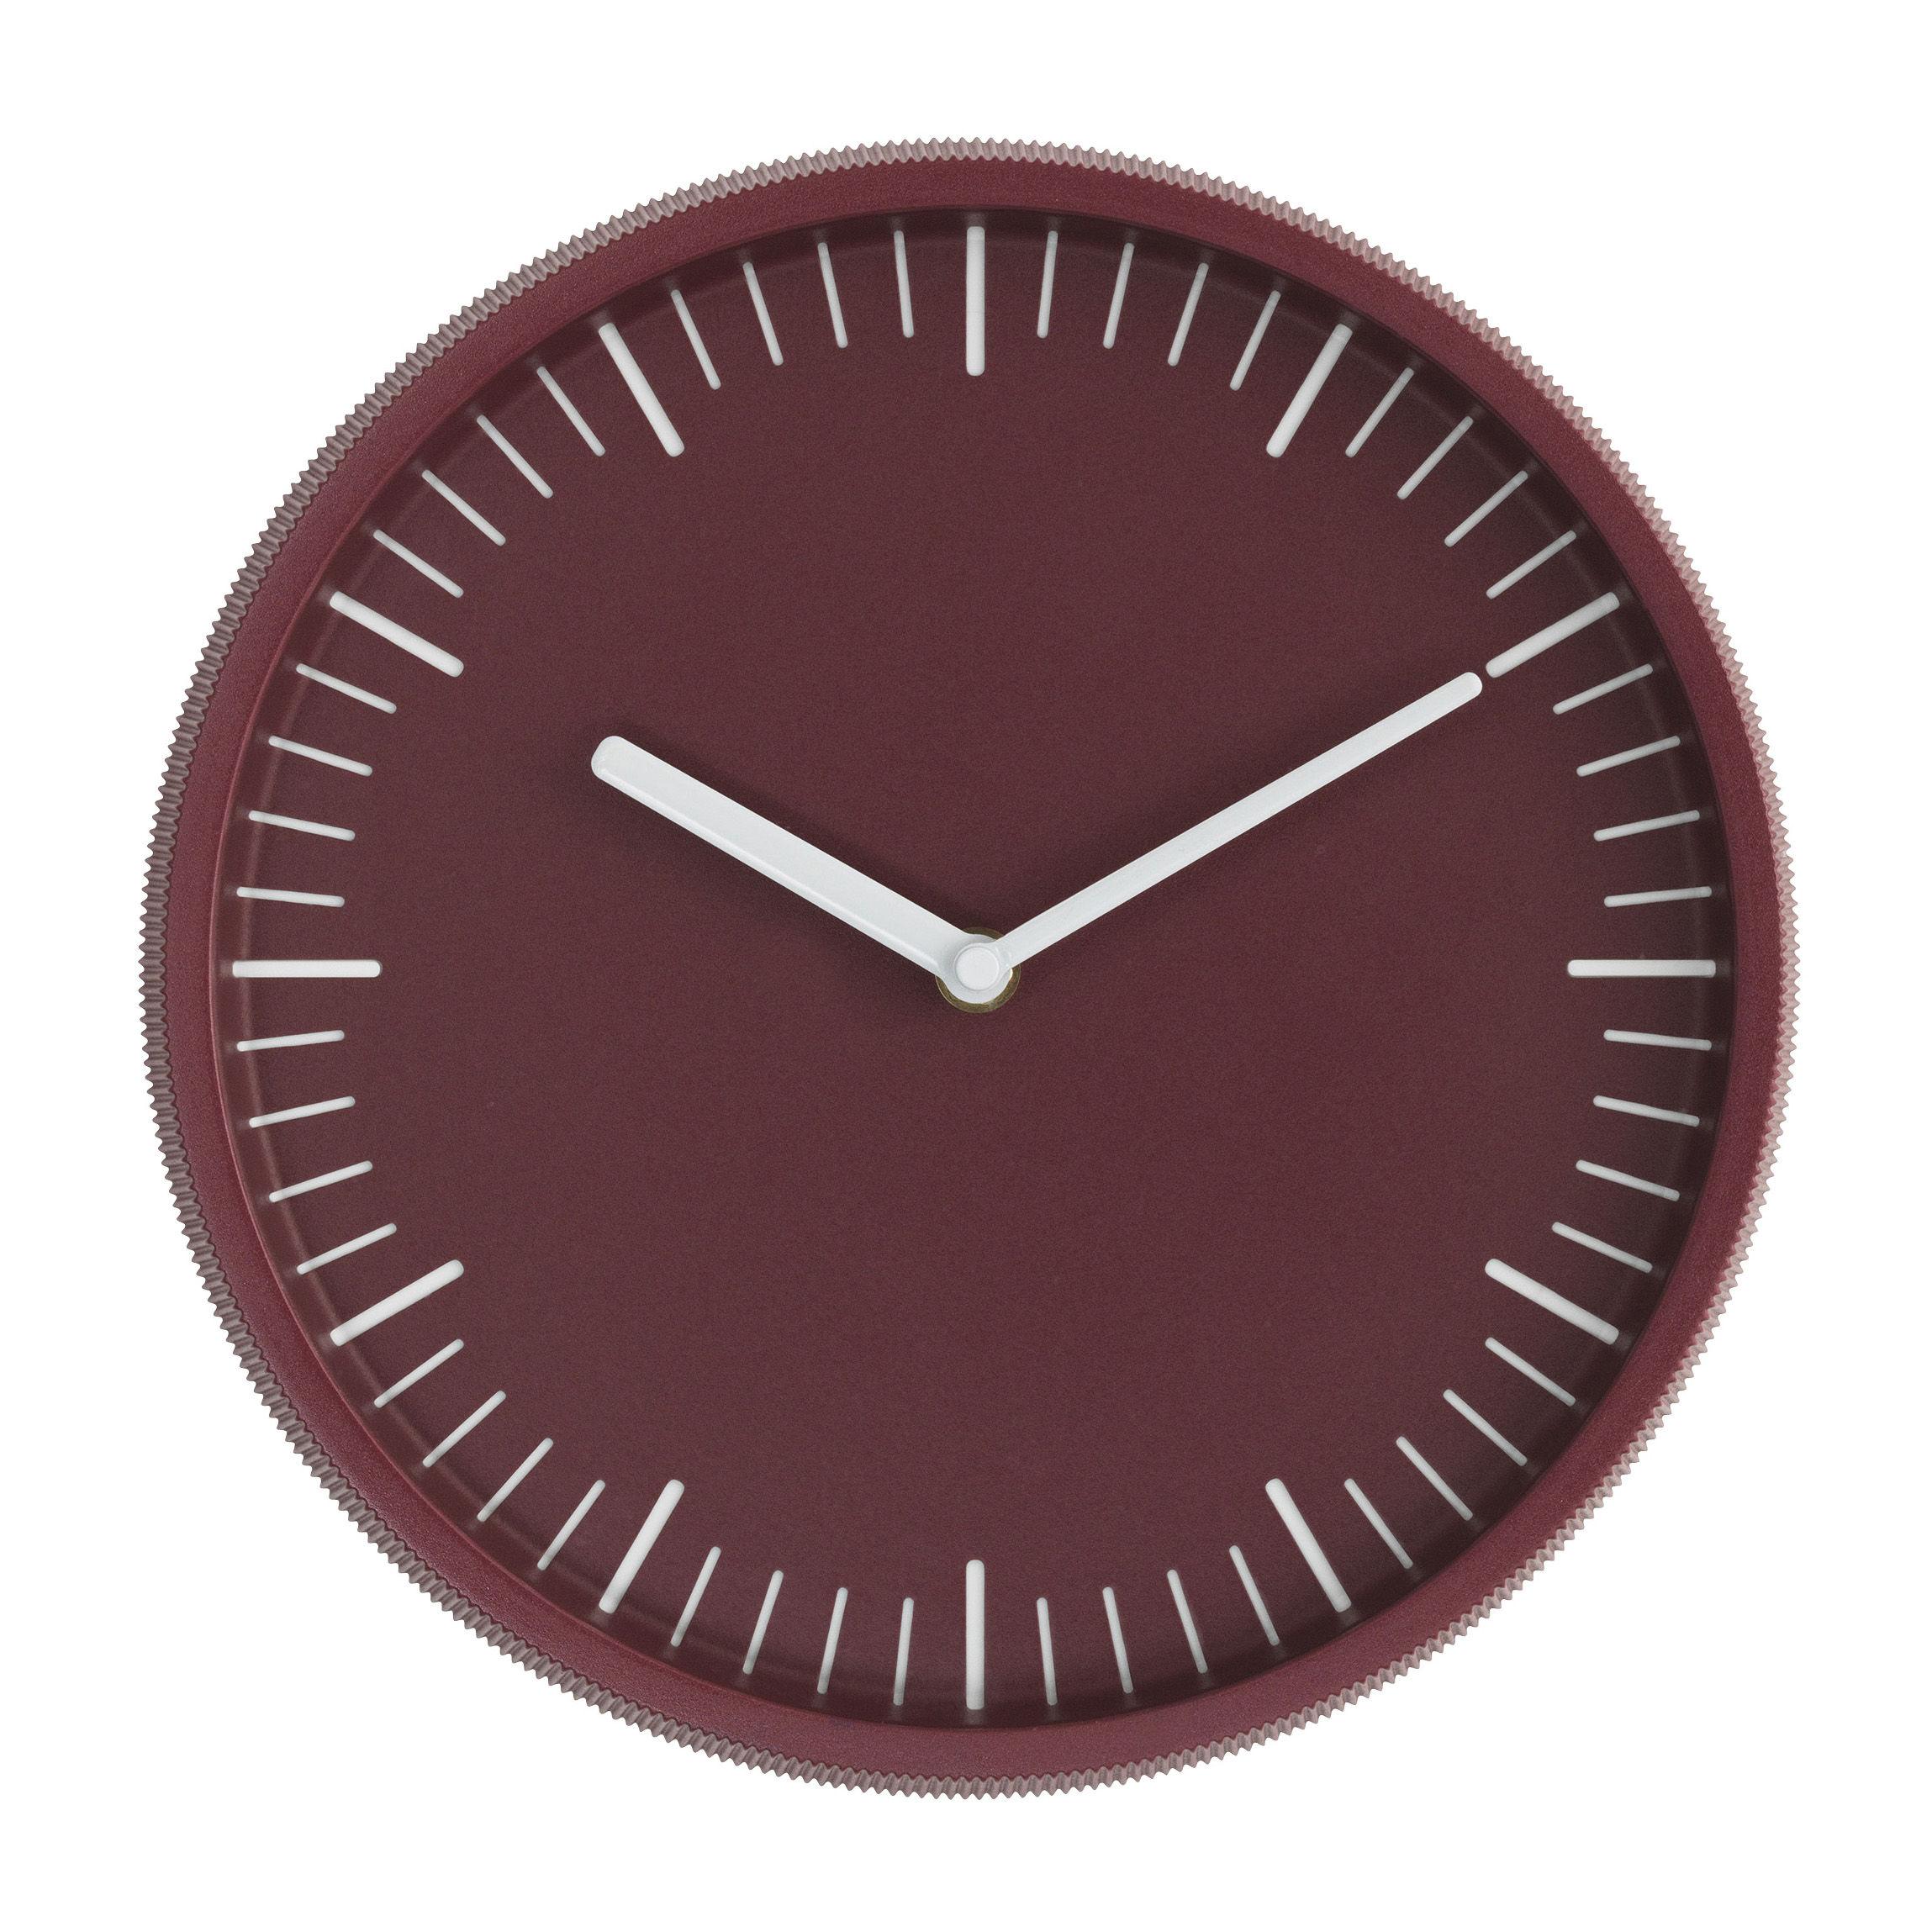 Déco - Horloges  - Horloge murale Day / Acier - Ø 28 cm - Normann Copenhagen - Bordeaux - Fonte d'aluminium, Verre